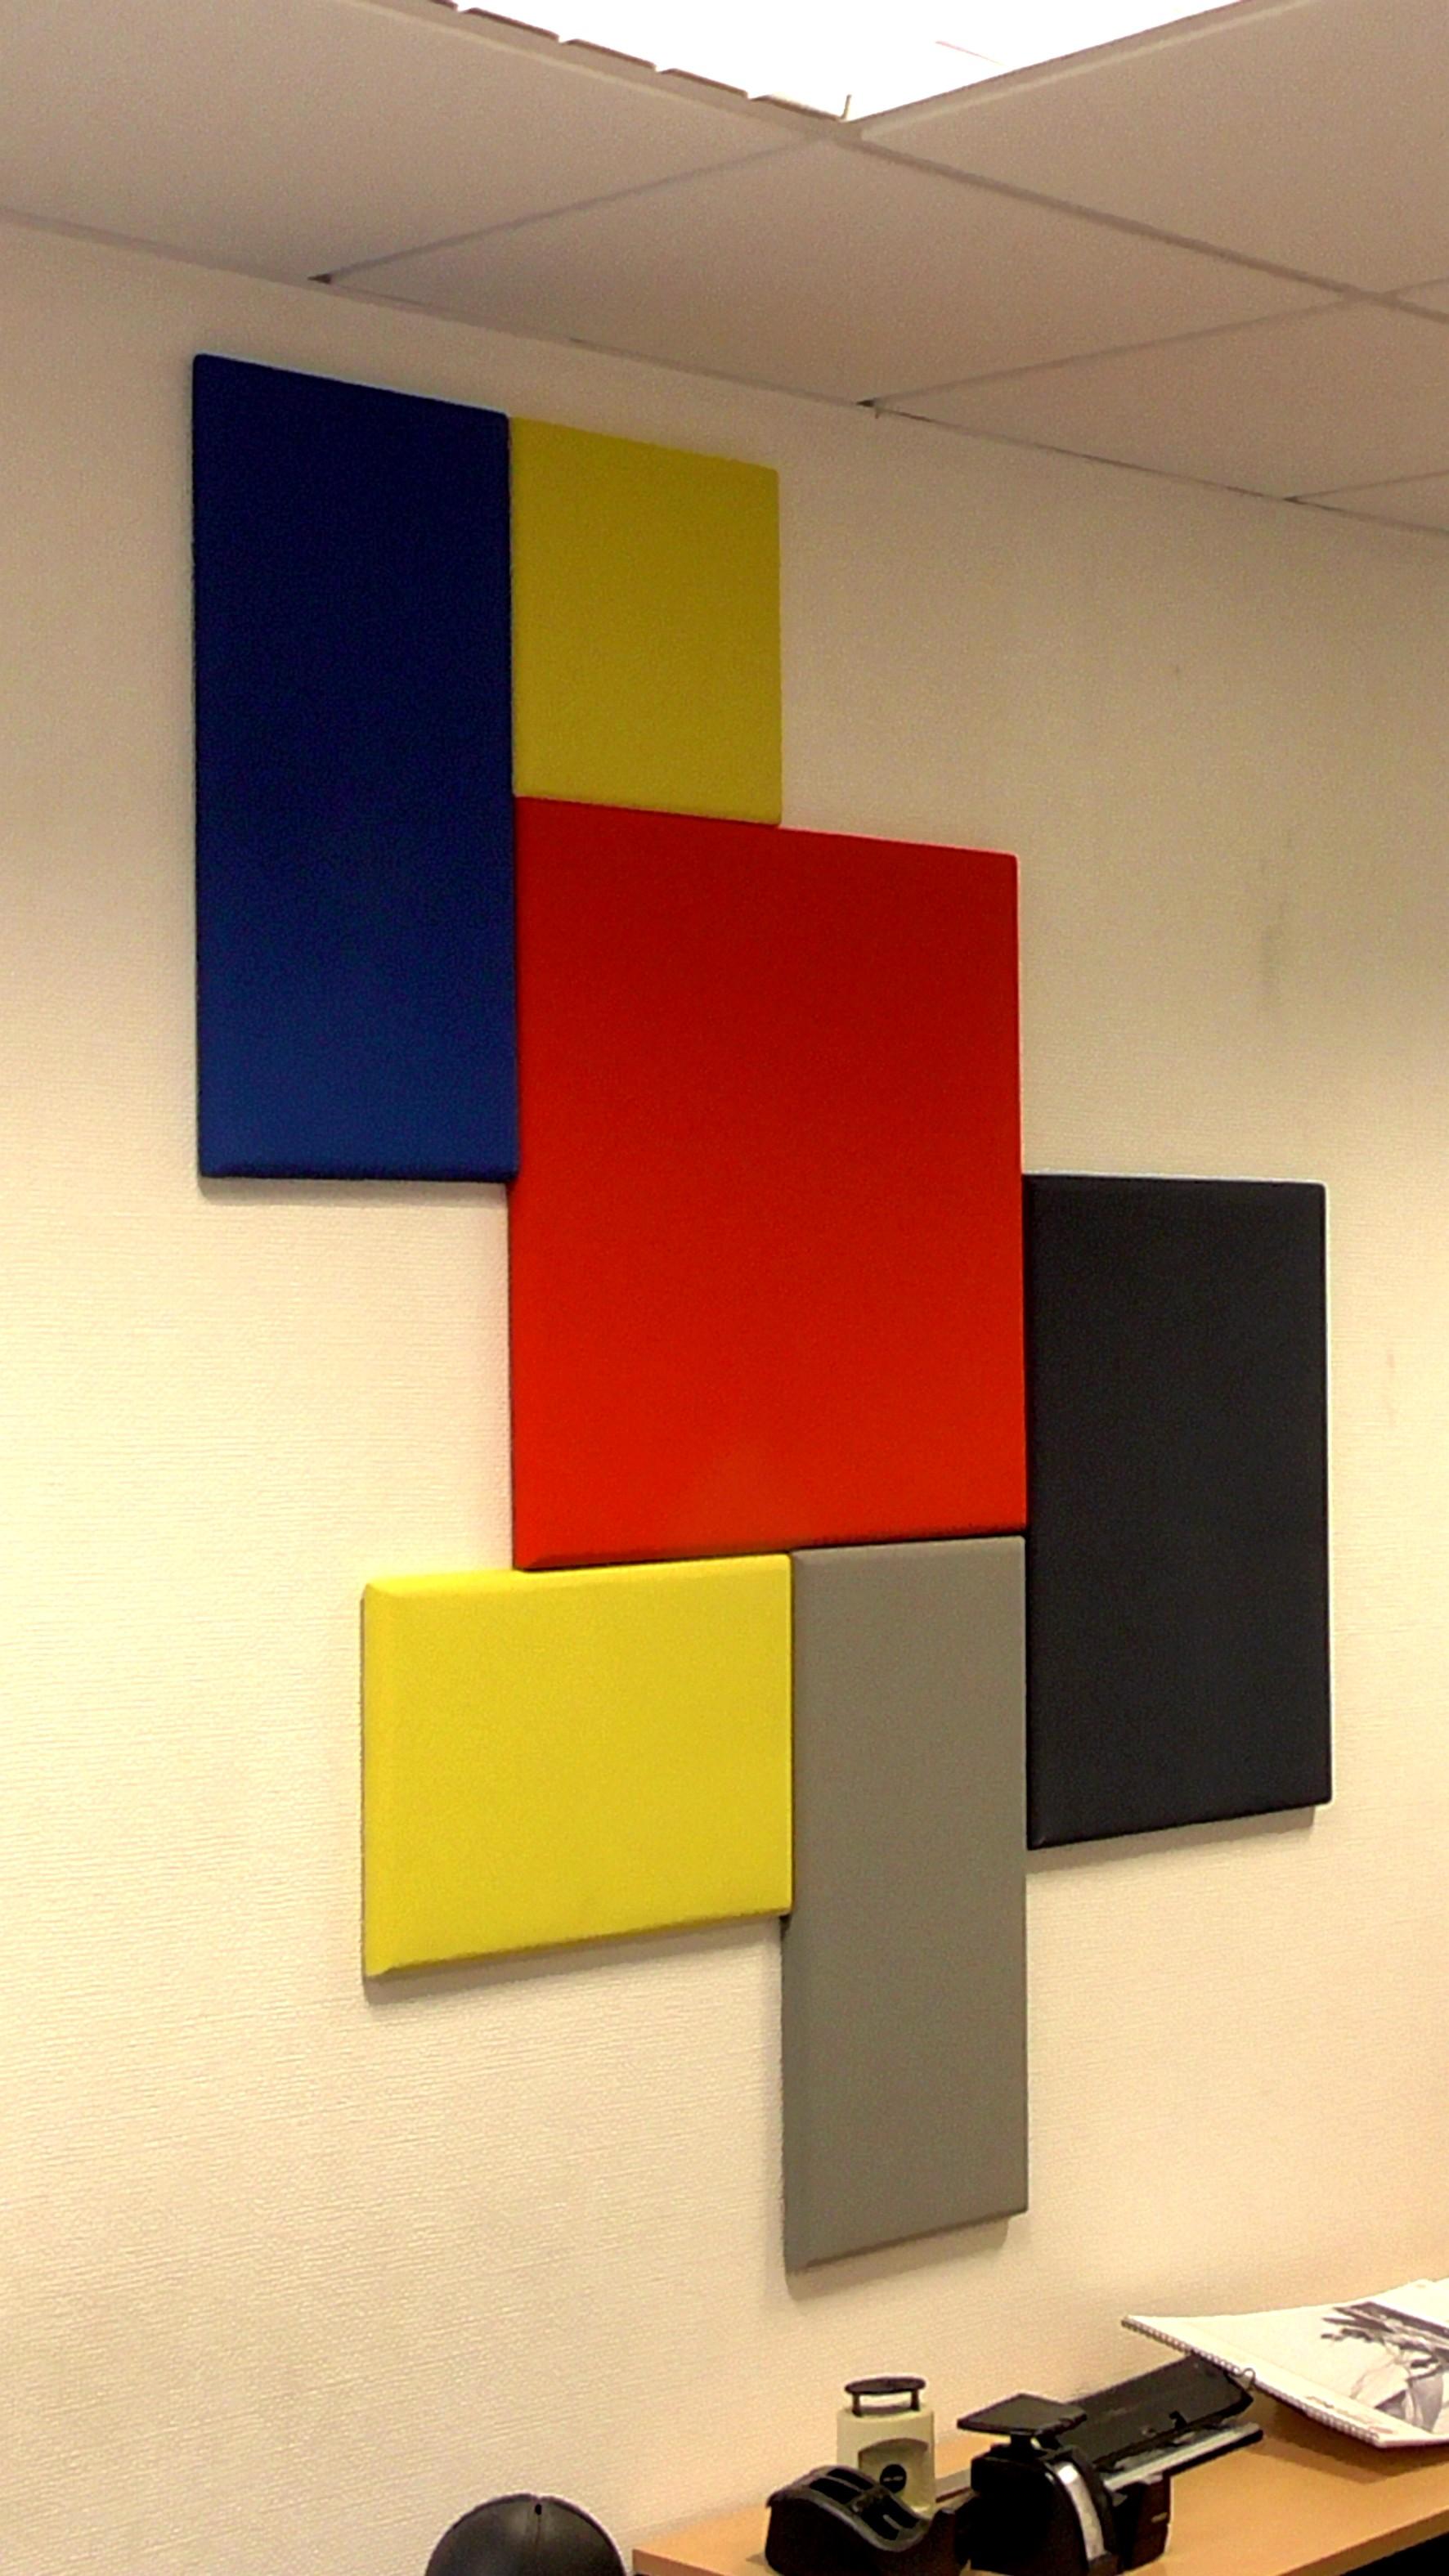 Panneaux acoustiques de la gamme Tango, inspiré d'artiste contemporain